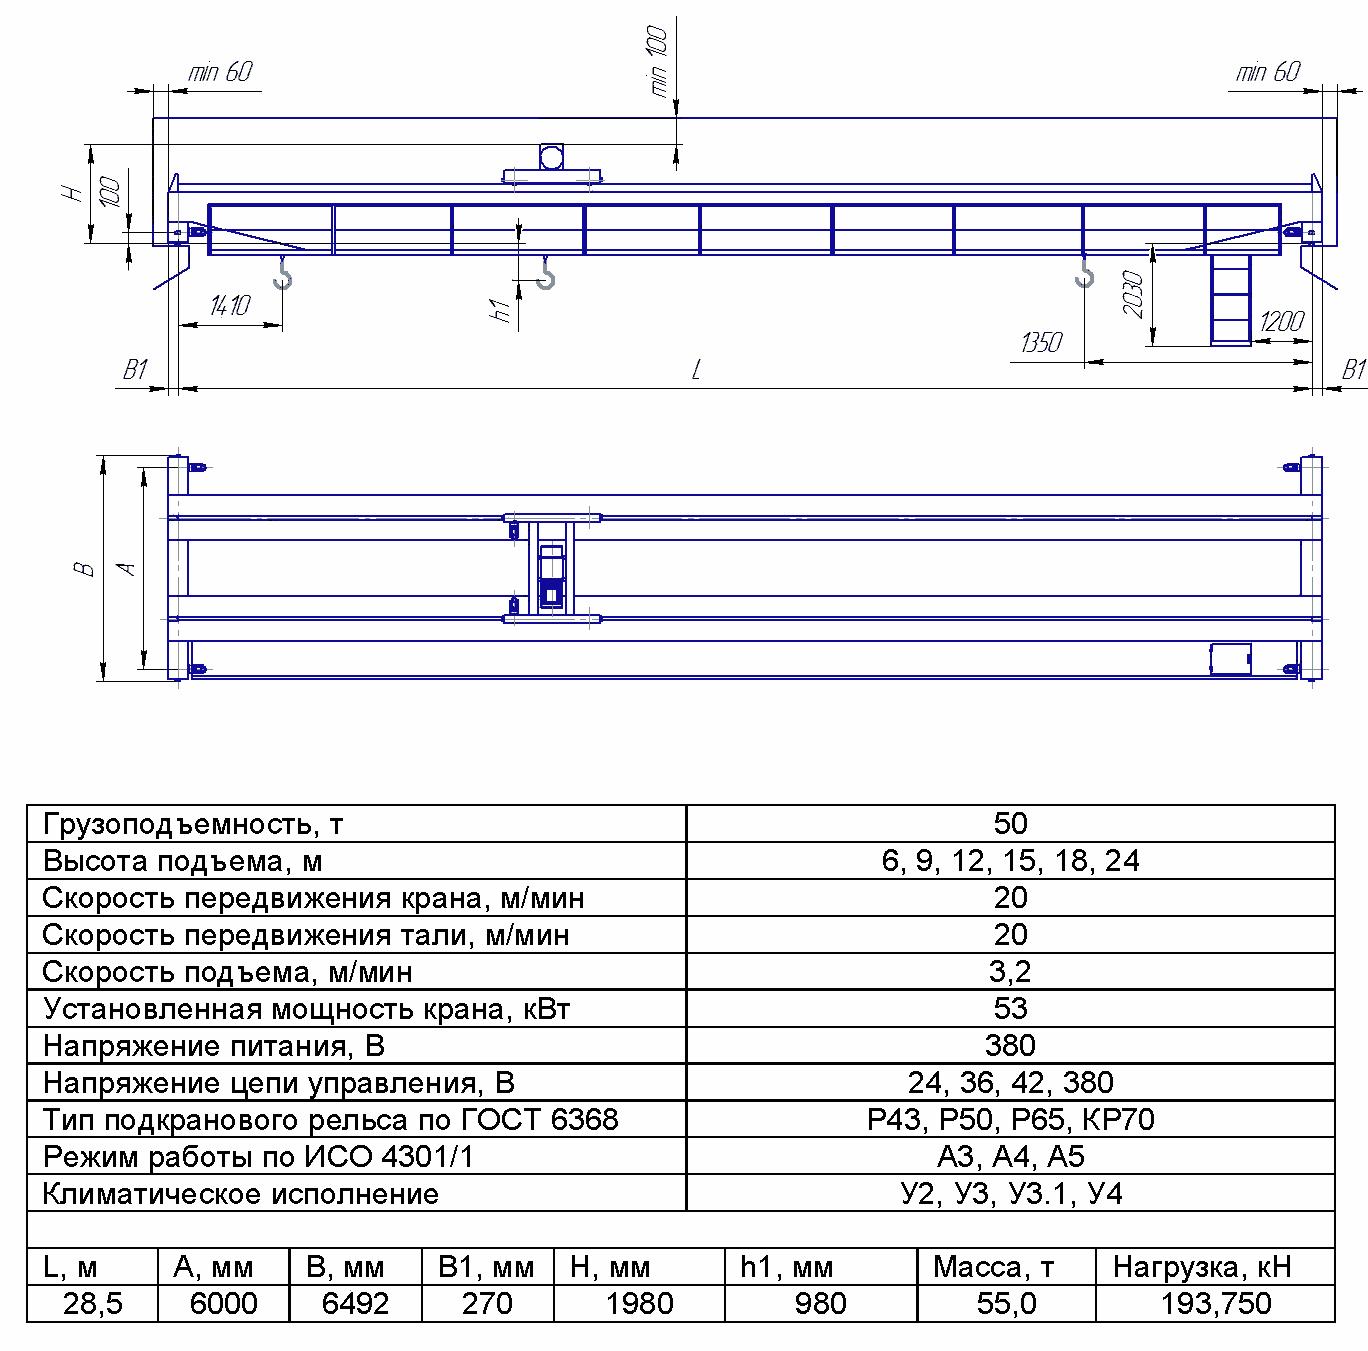 KMON 8 7 - Опорный мостовой кран общего назначения